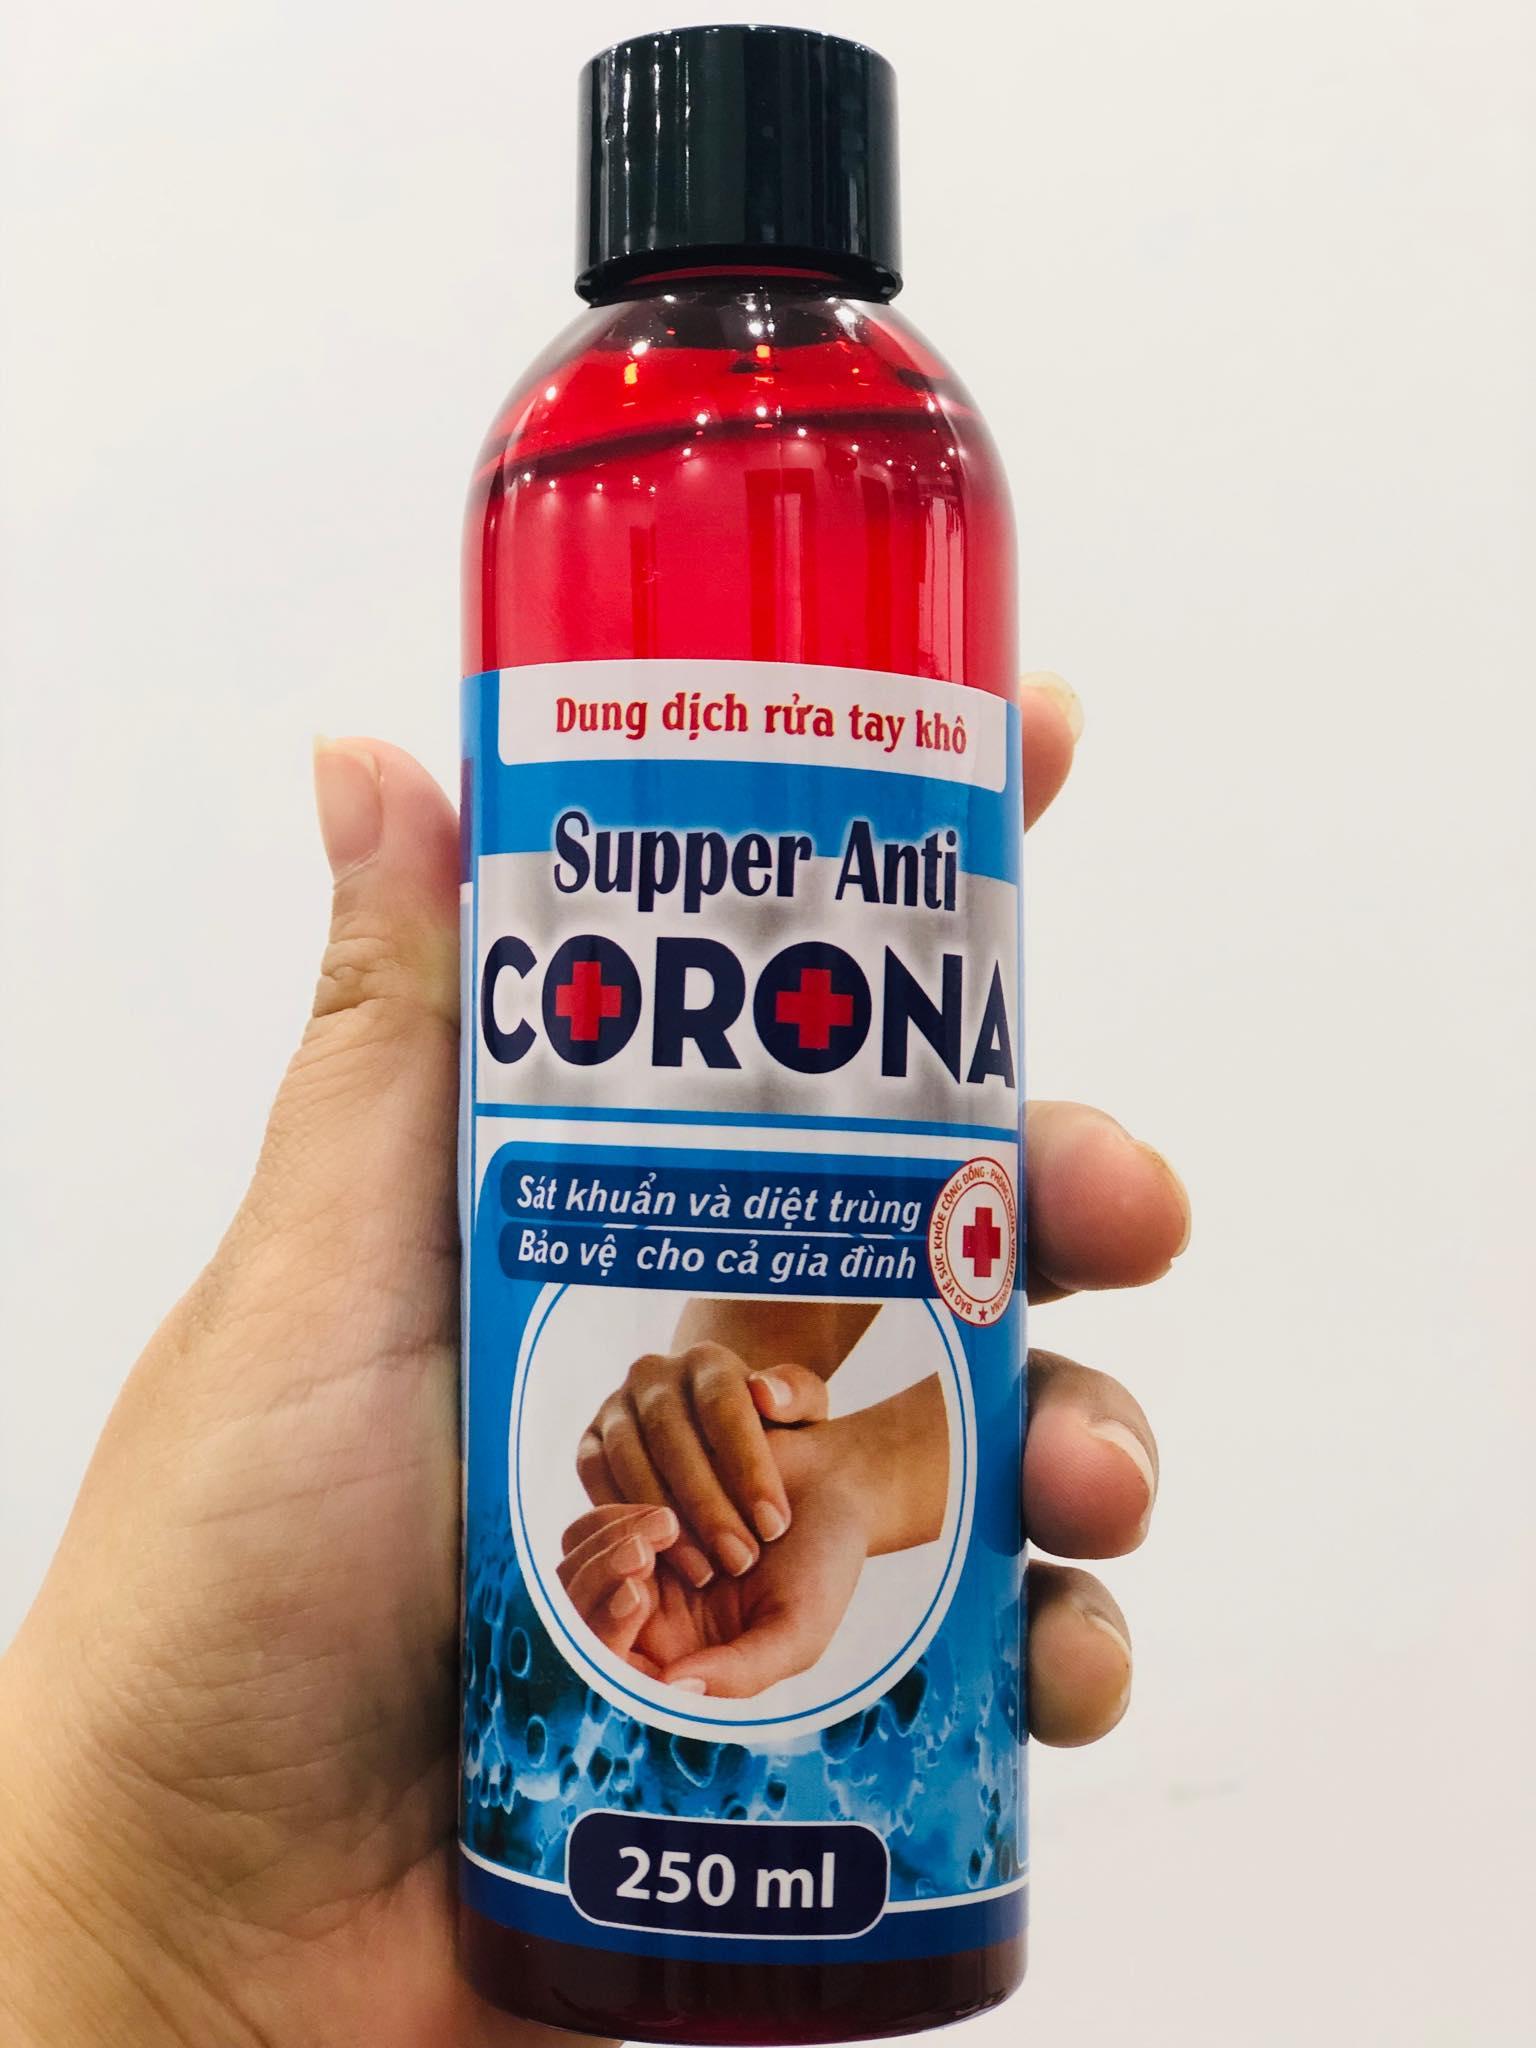 Gel rửa tay khô sát khuẩn, khử mùi, không hại da tay Coro.na Supper Anti 250ml , an toàn với trẻ em ( nước rửa tay khô, dung dịch rửa tay)